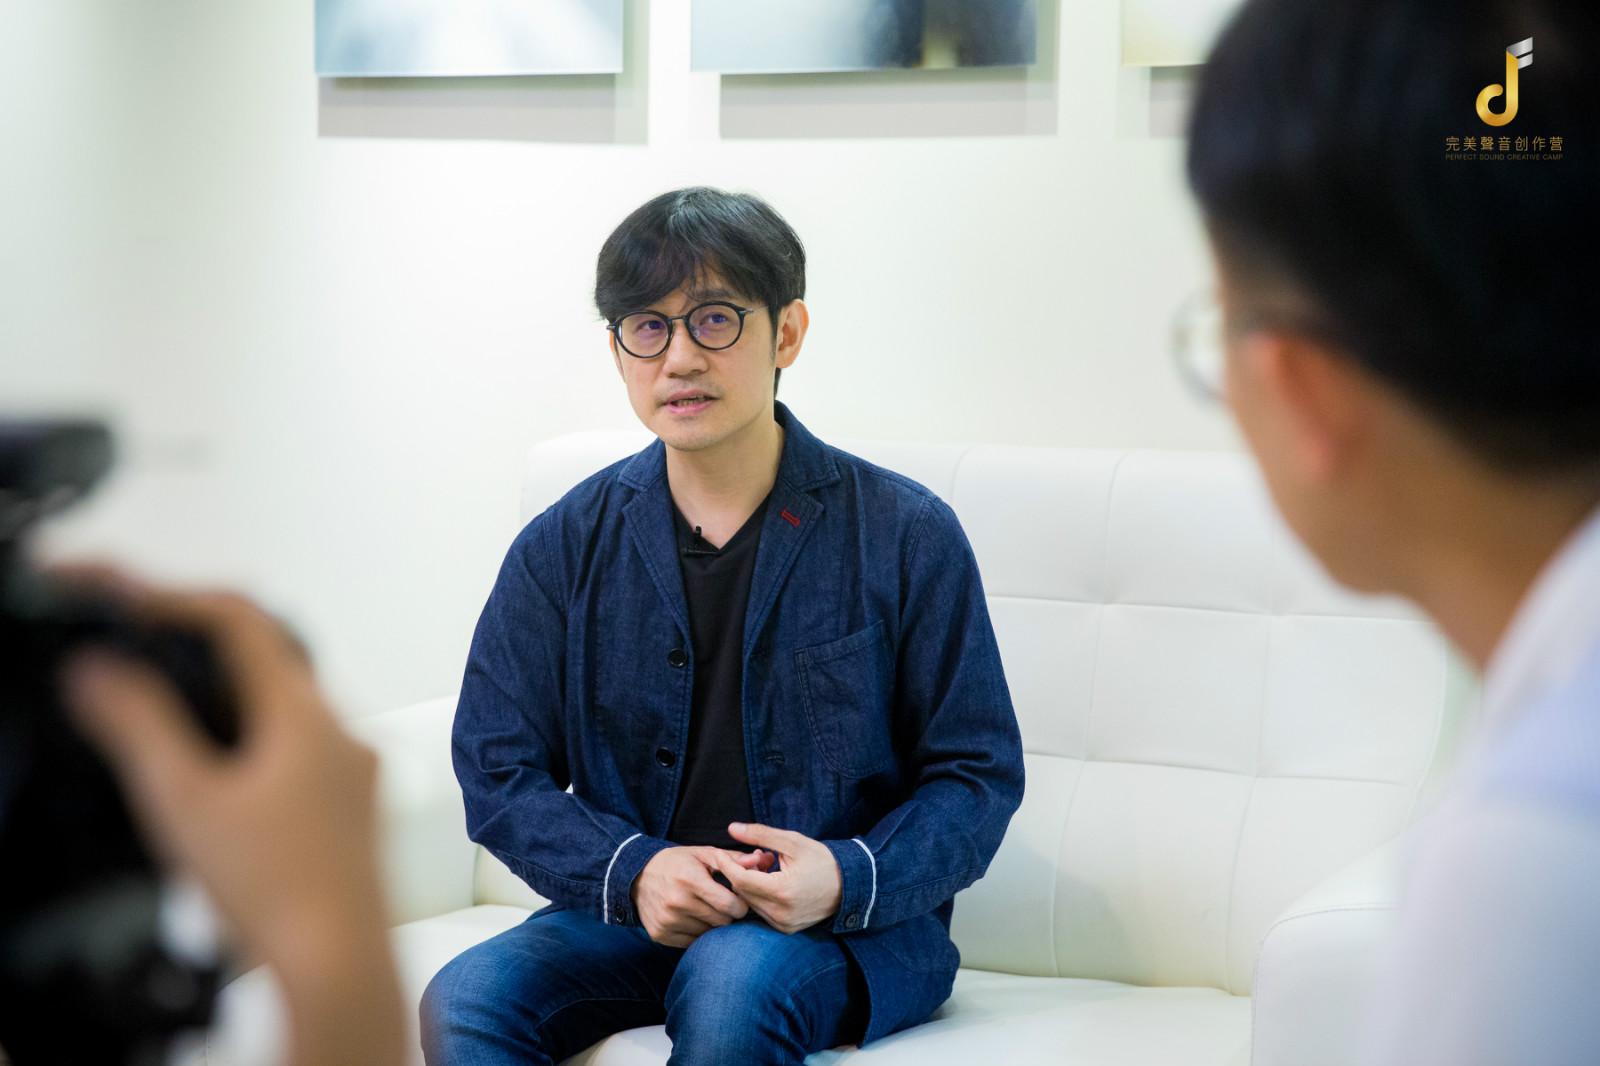 <b>陈建骐联手12位新锐音乐人 定制最强影视音乐</b>